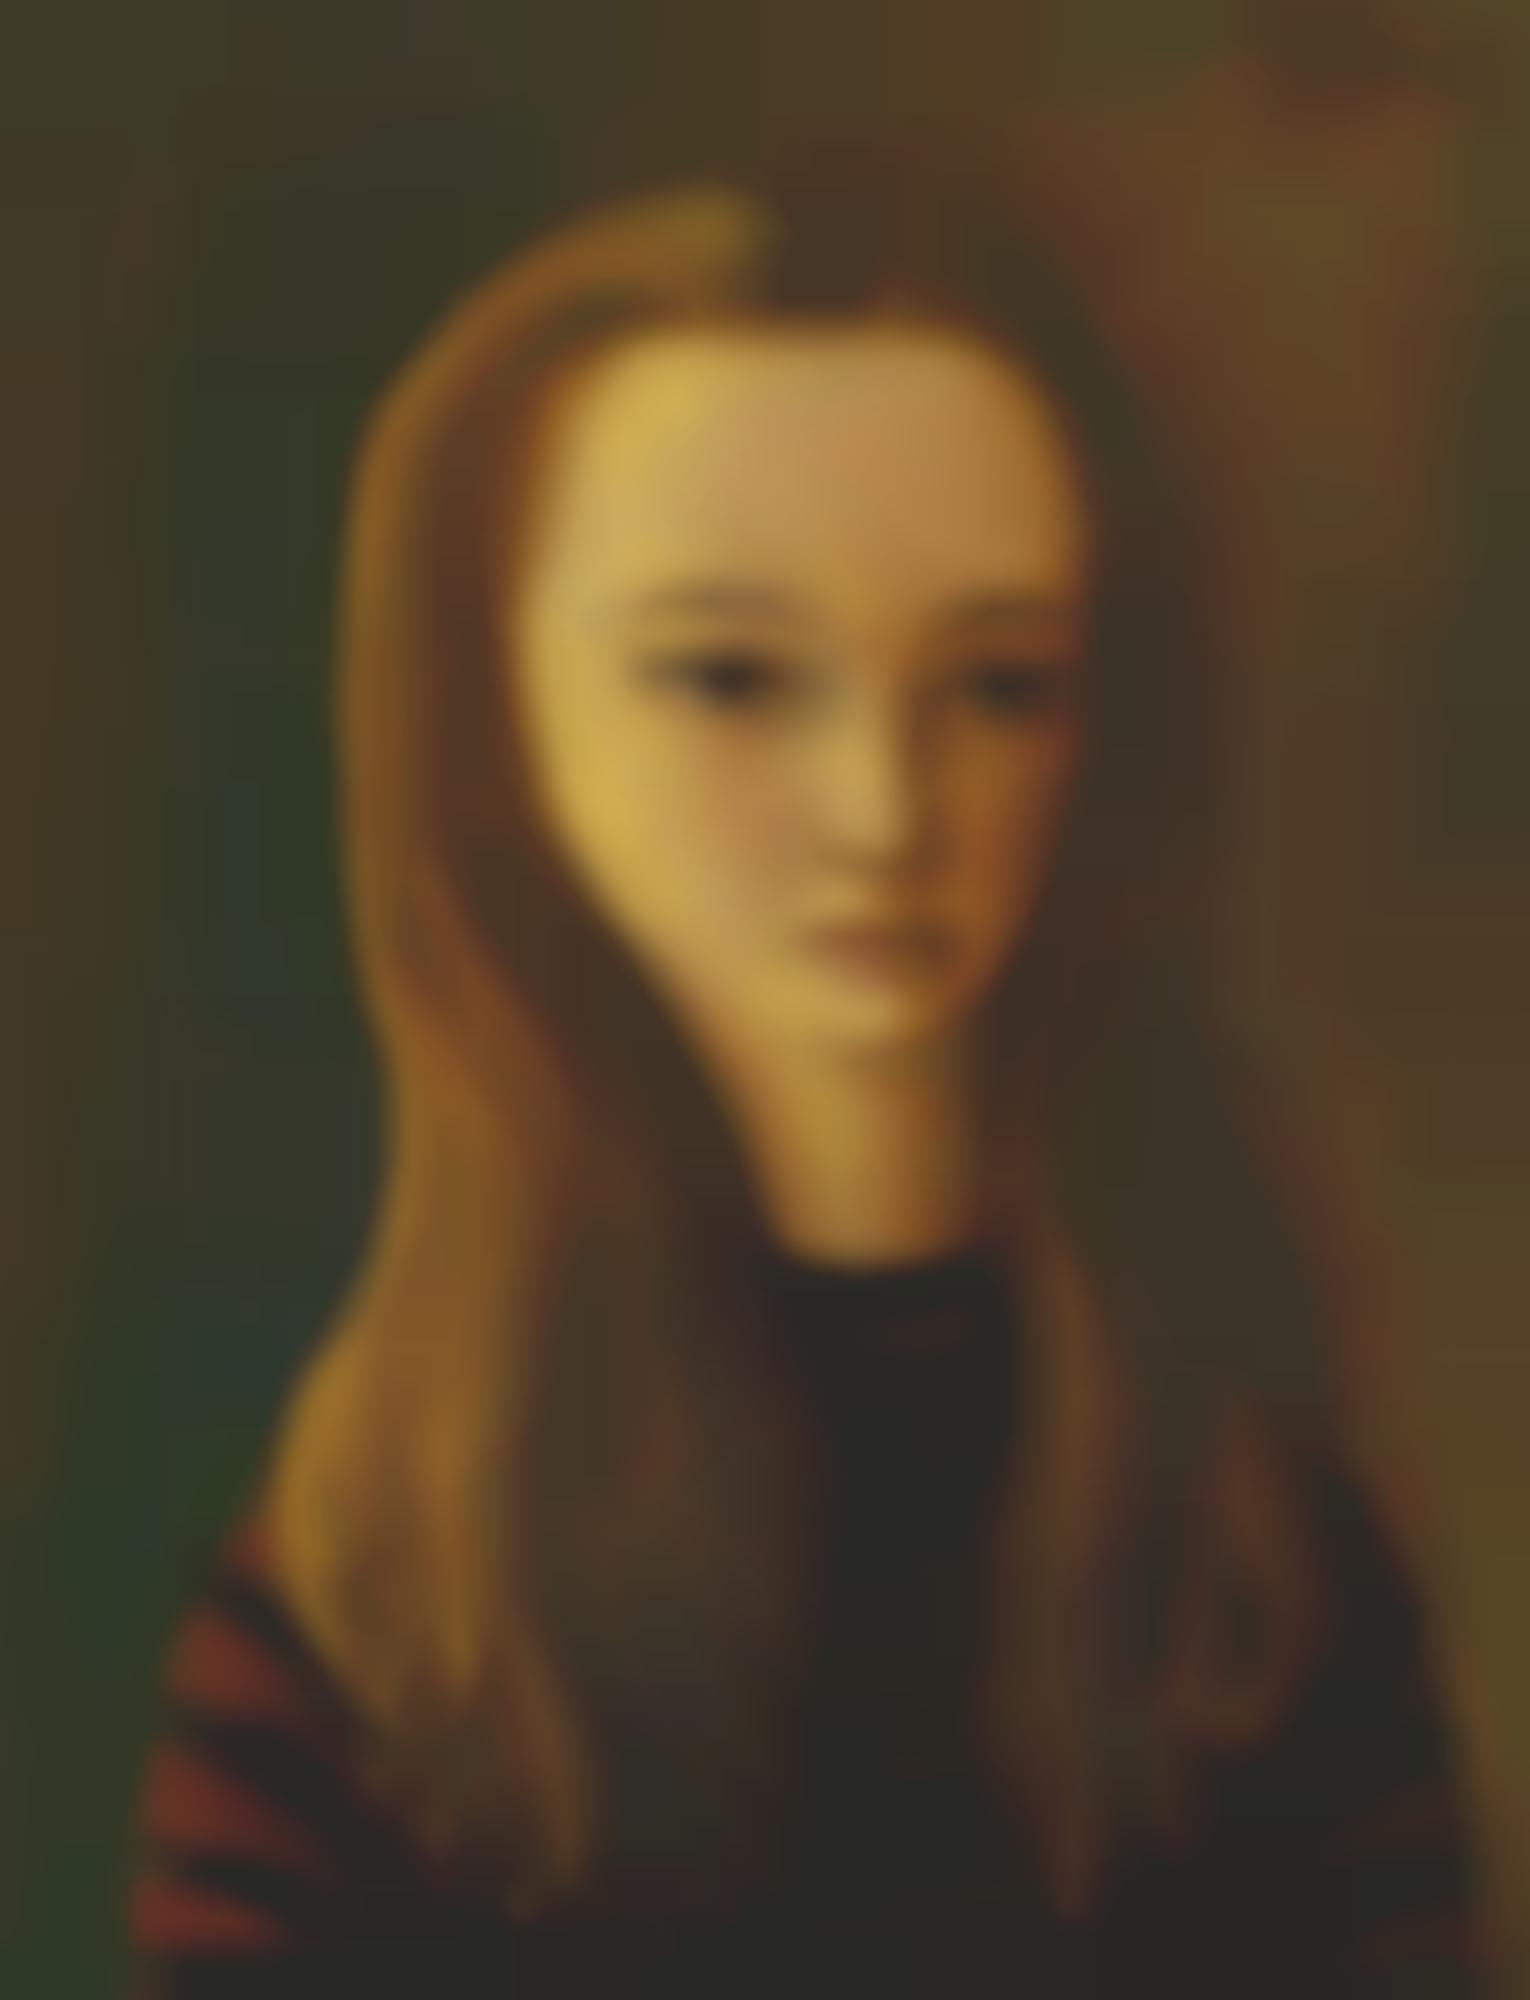 Moise Kisling-Jeune Fille Aux Longs Cheveux-